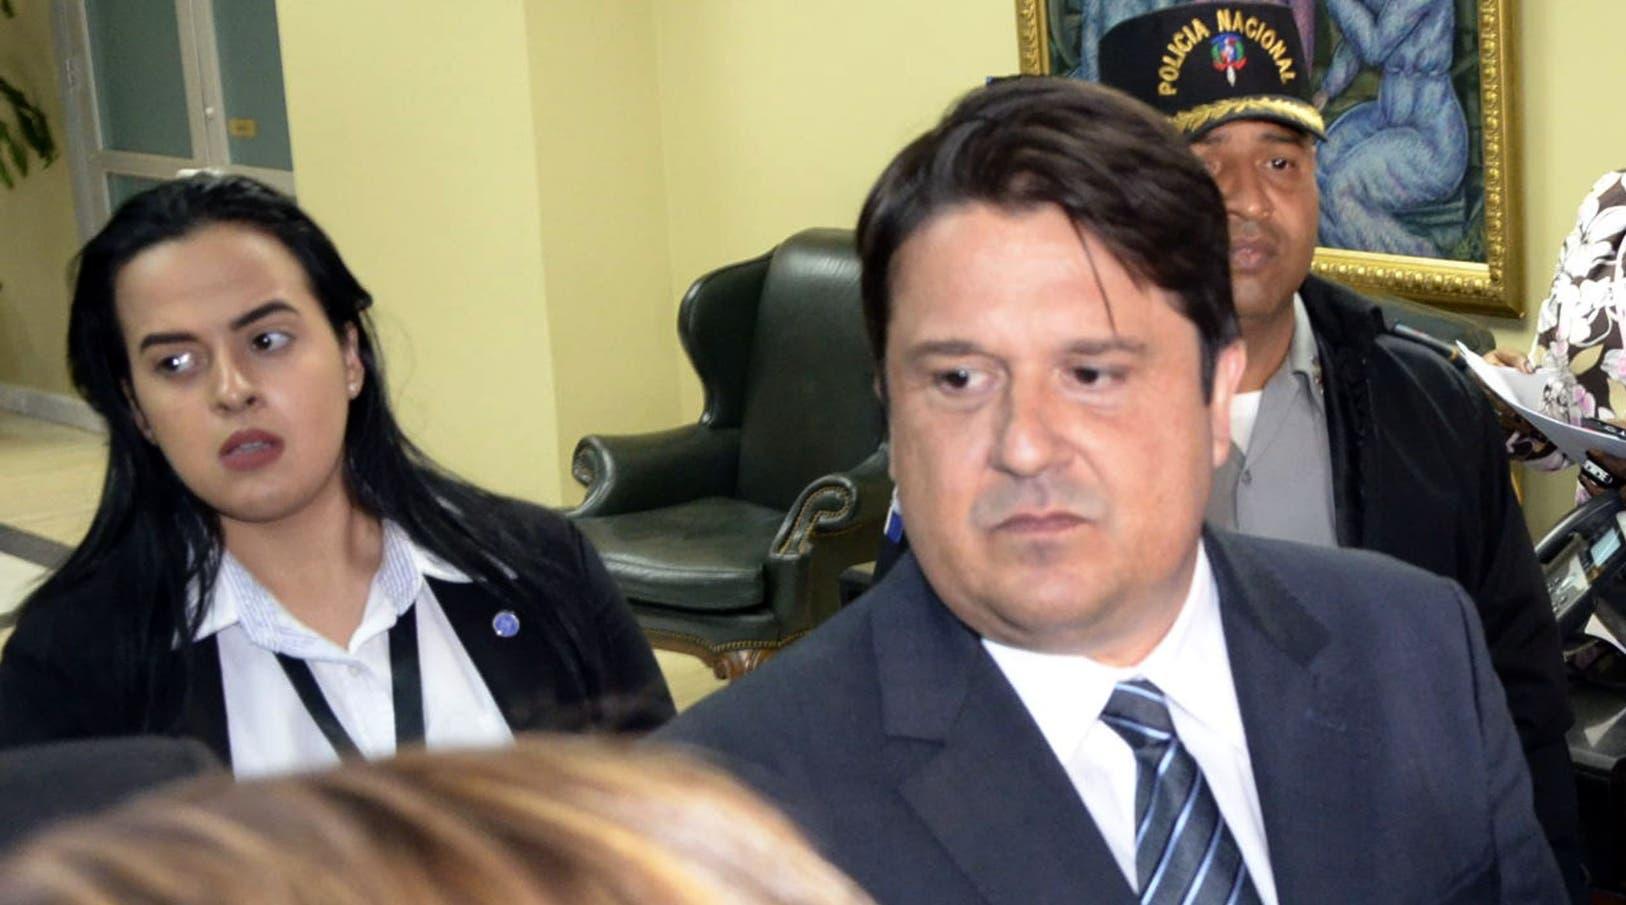 El gerente general de la empresa brasileña  Odebrecht en el país, Marcelo Hofke. foto José de León/Archivo